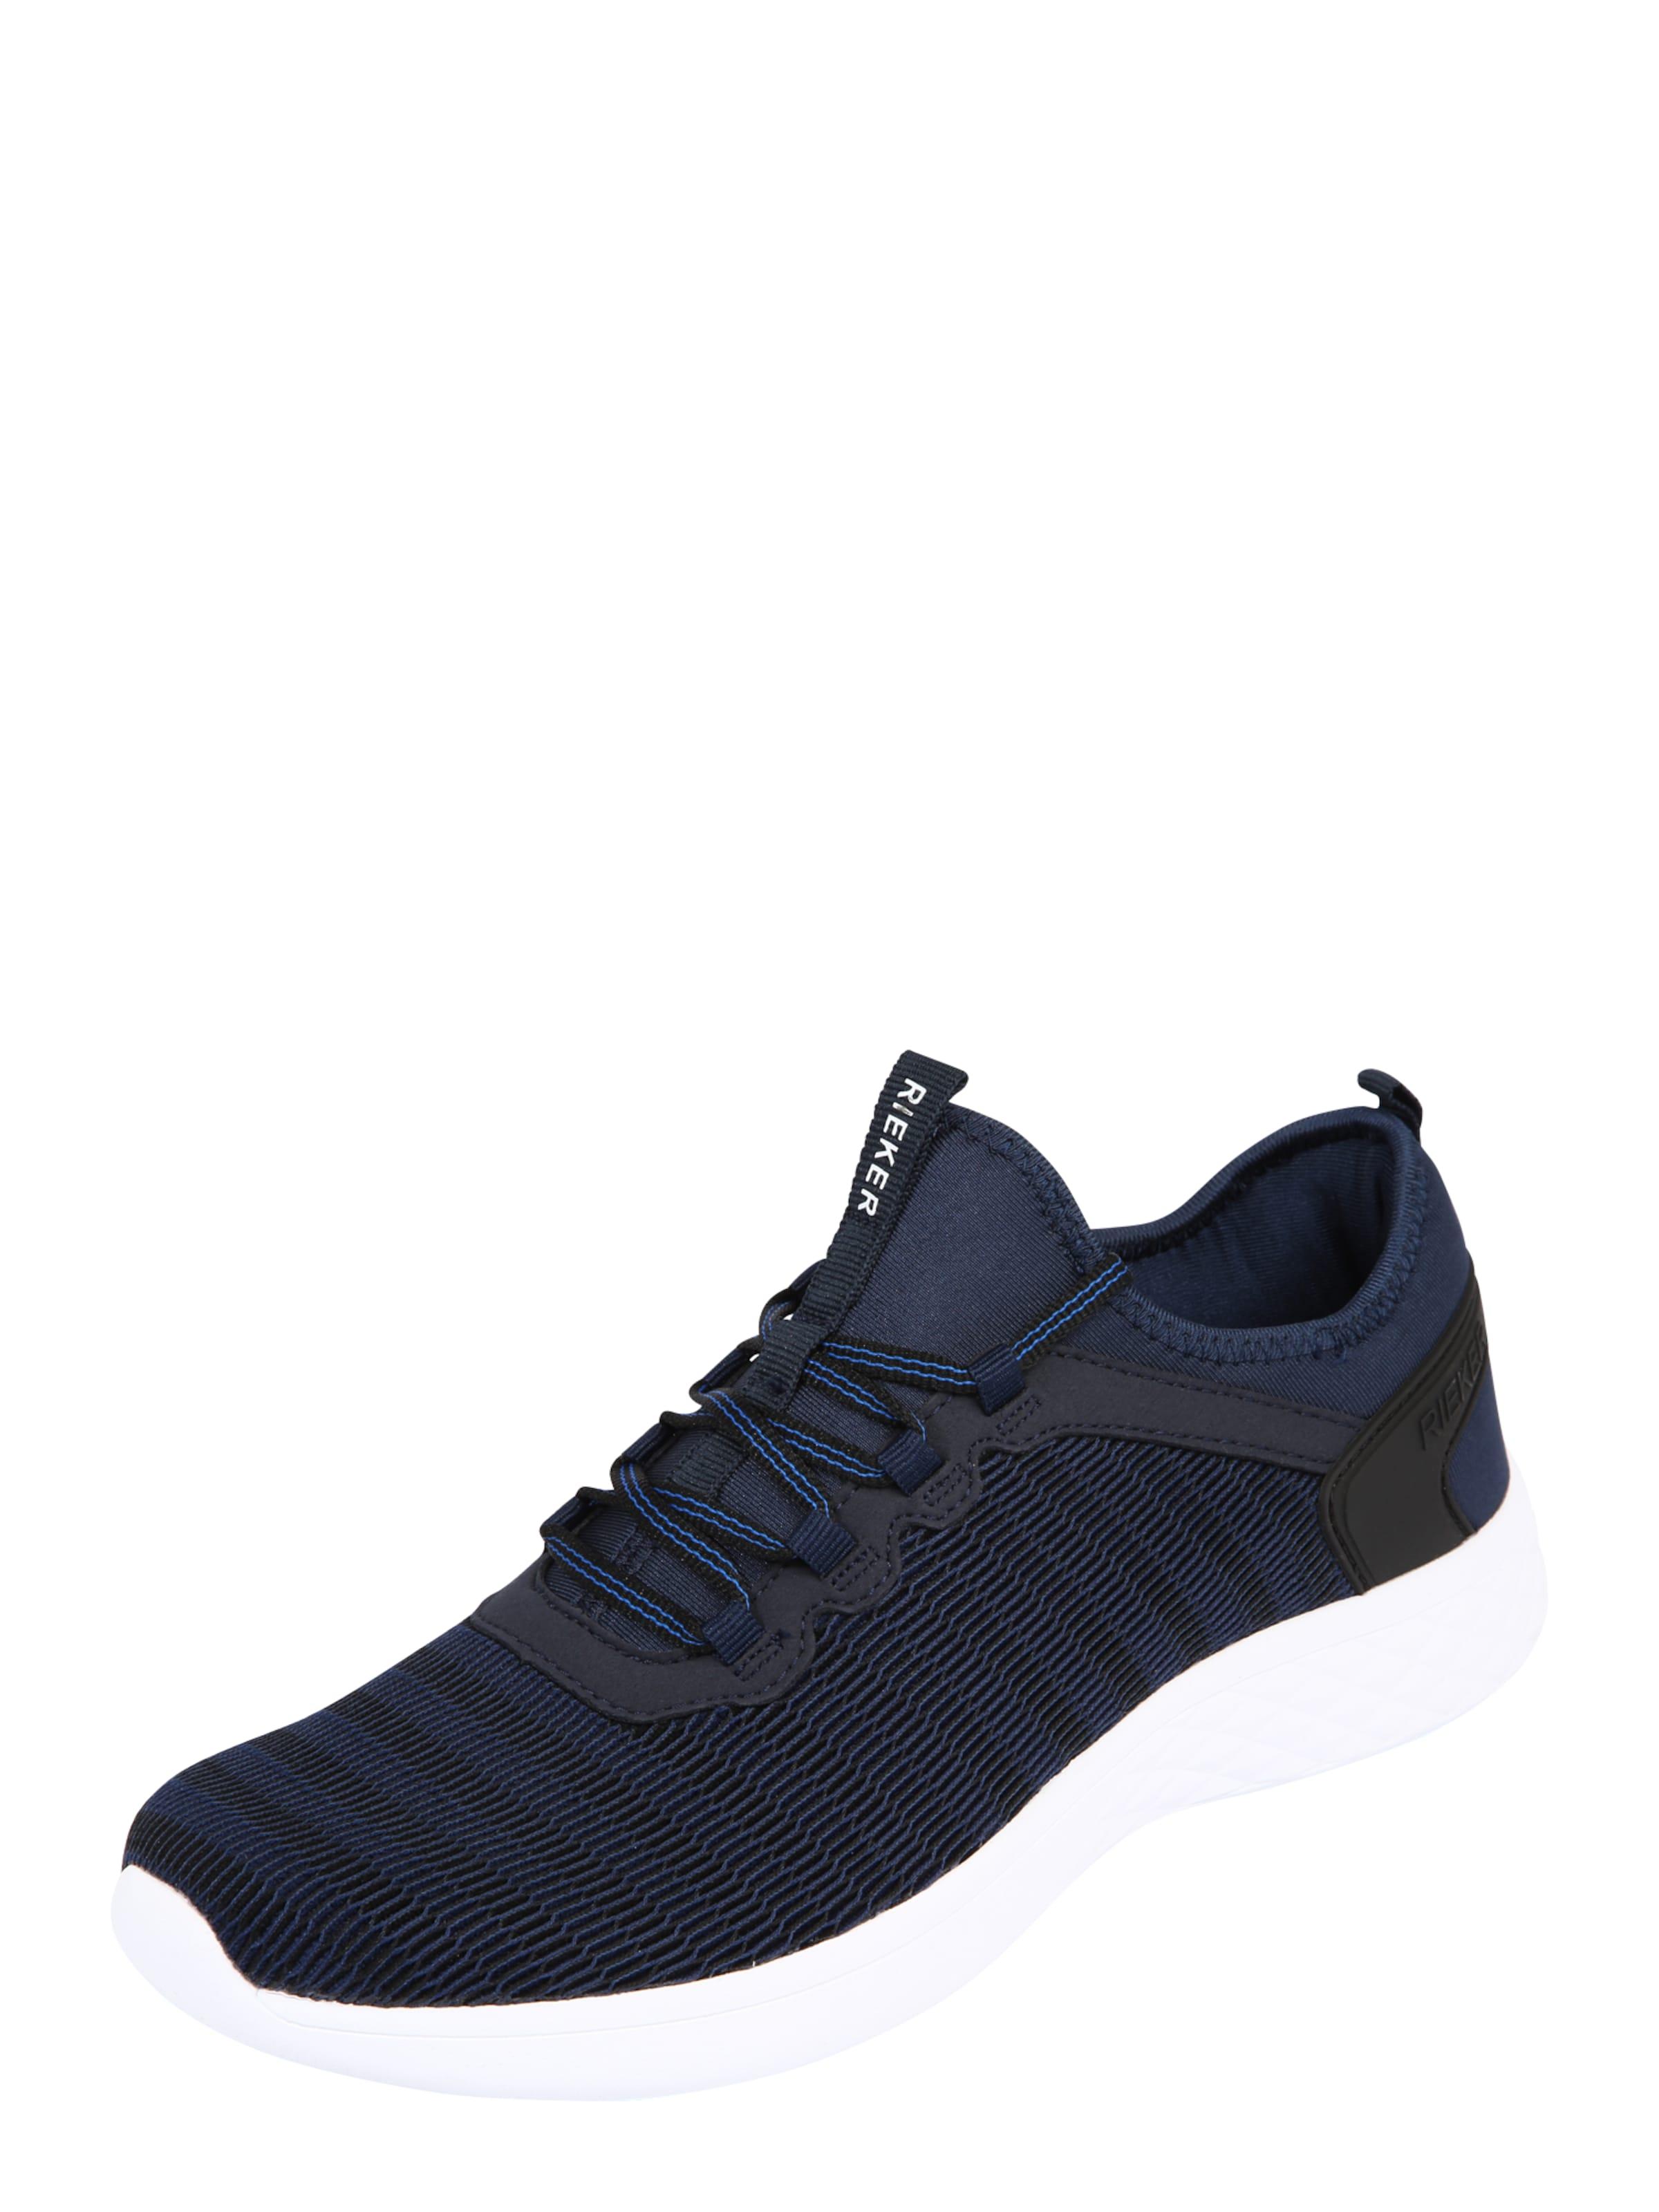 RIEKER Sneaker Low Günstige und langlebige Schuhe